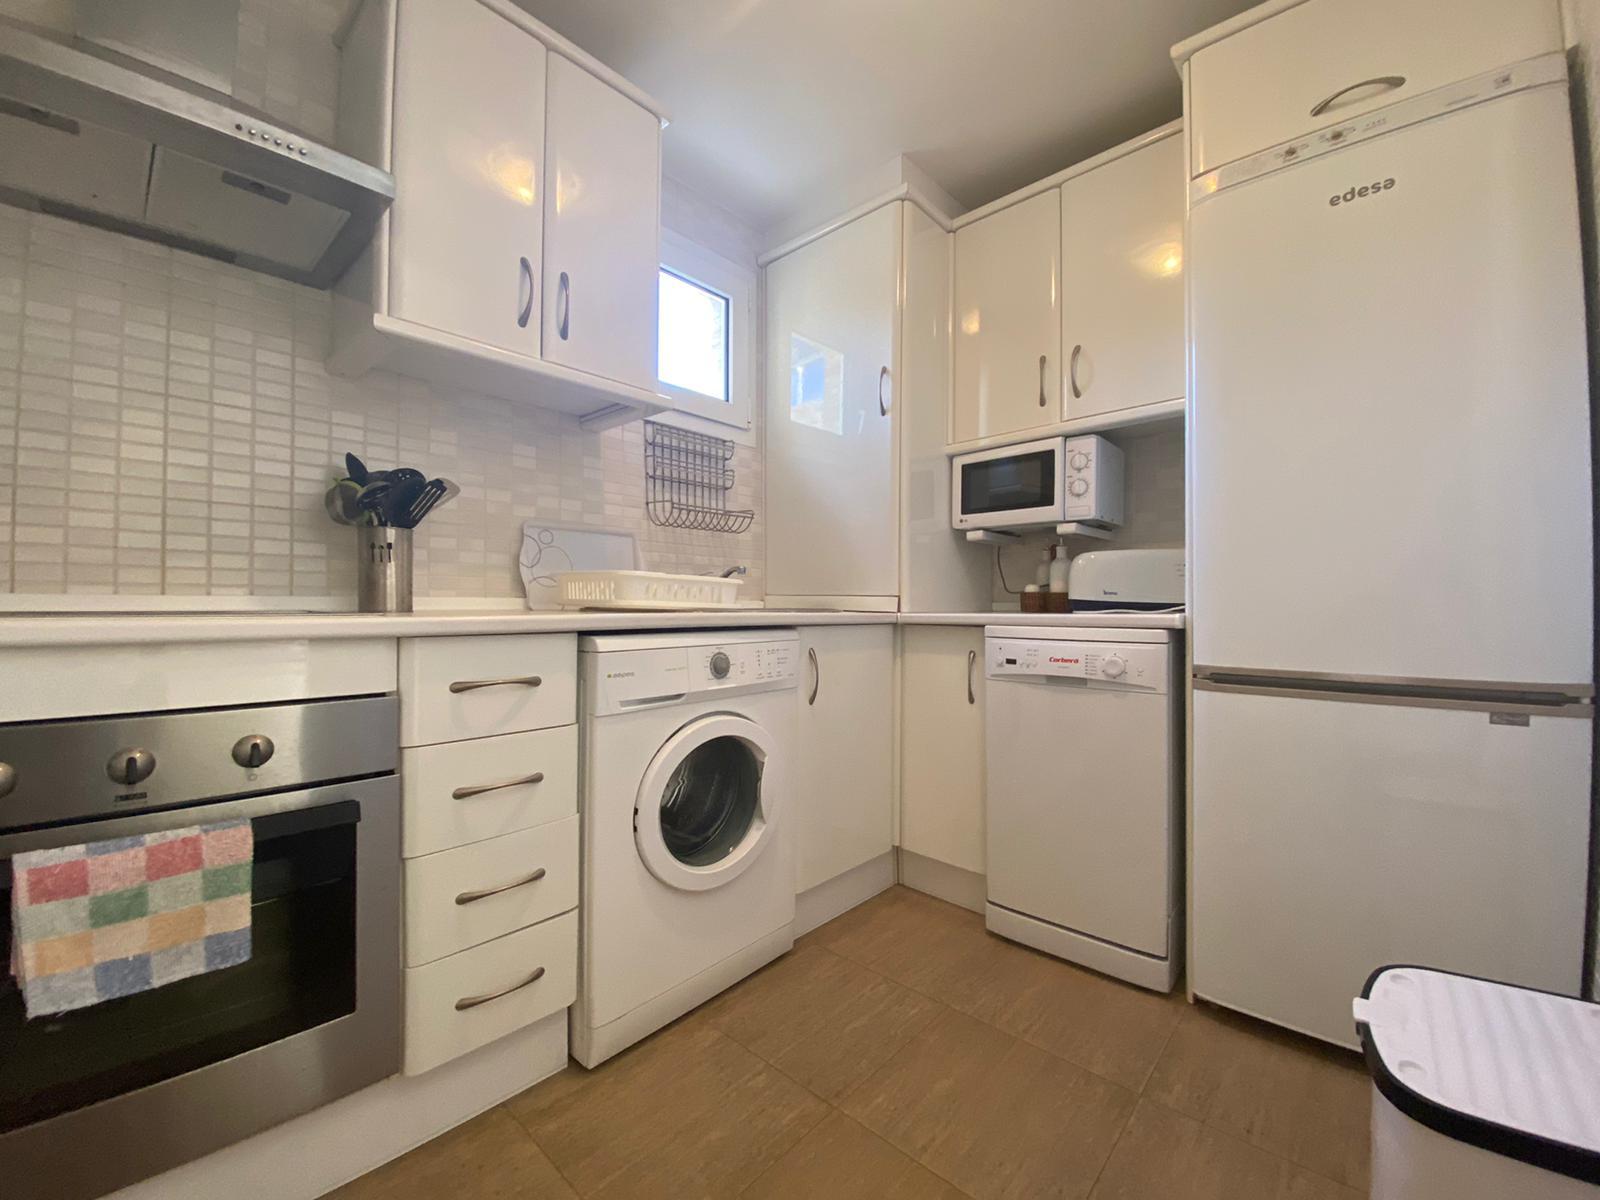 Imagen 28 del Apartamento Turístico, Ático 1 Levante (3d+2b), Punta del Moral (HUELVA), Paseo de la Cruz nº22